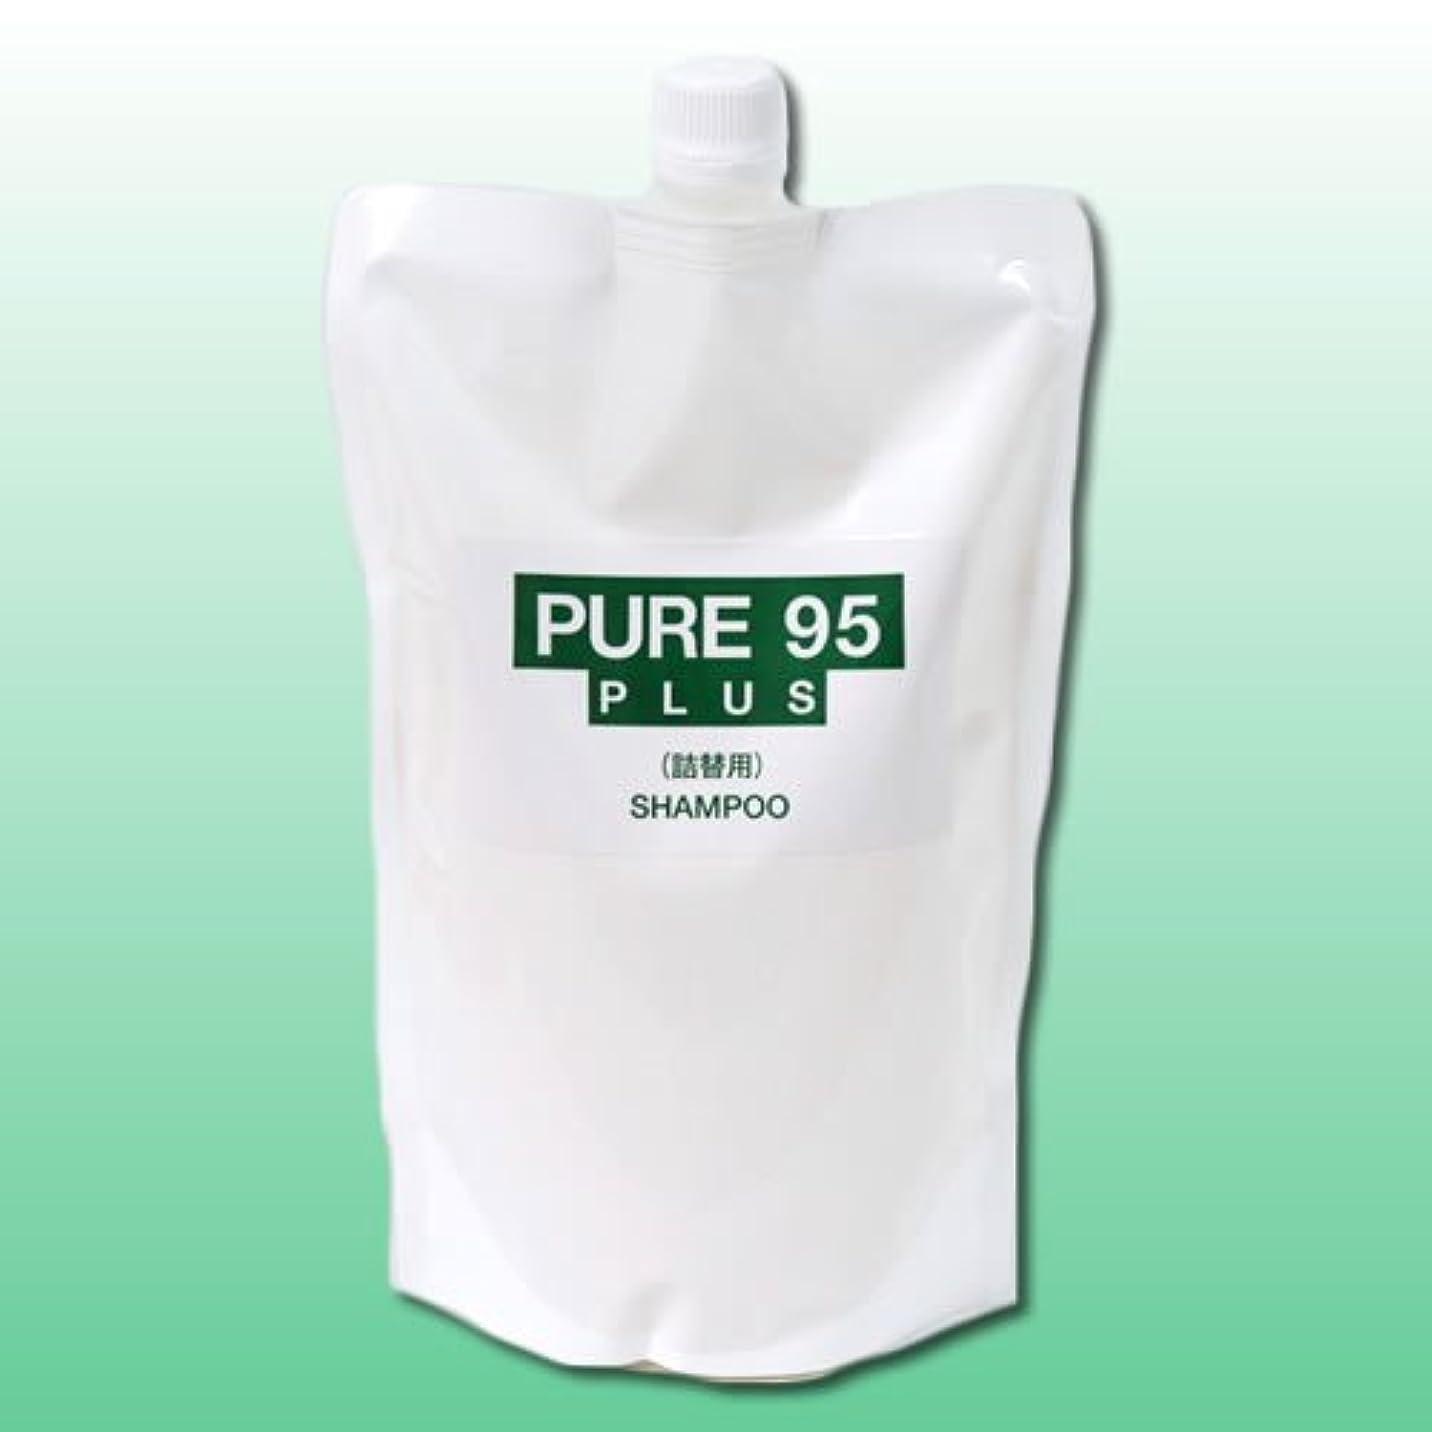 パーミングジャパン PURE95(ピュア95) プラスシャンプー 700ml (草原の香り) 詰替用